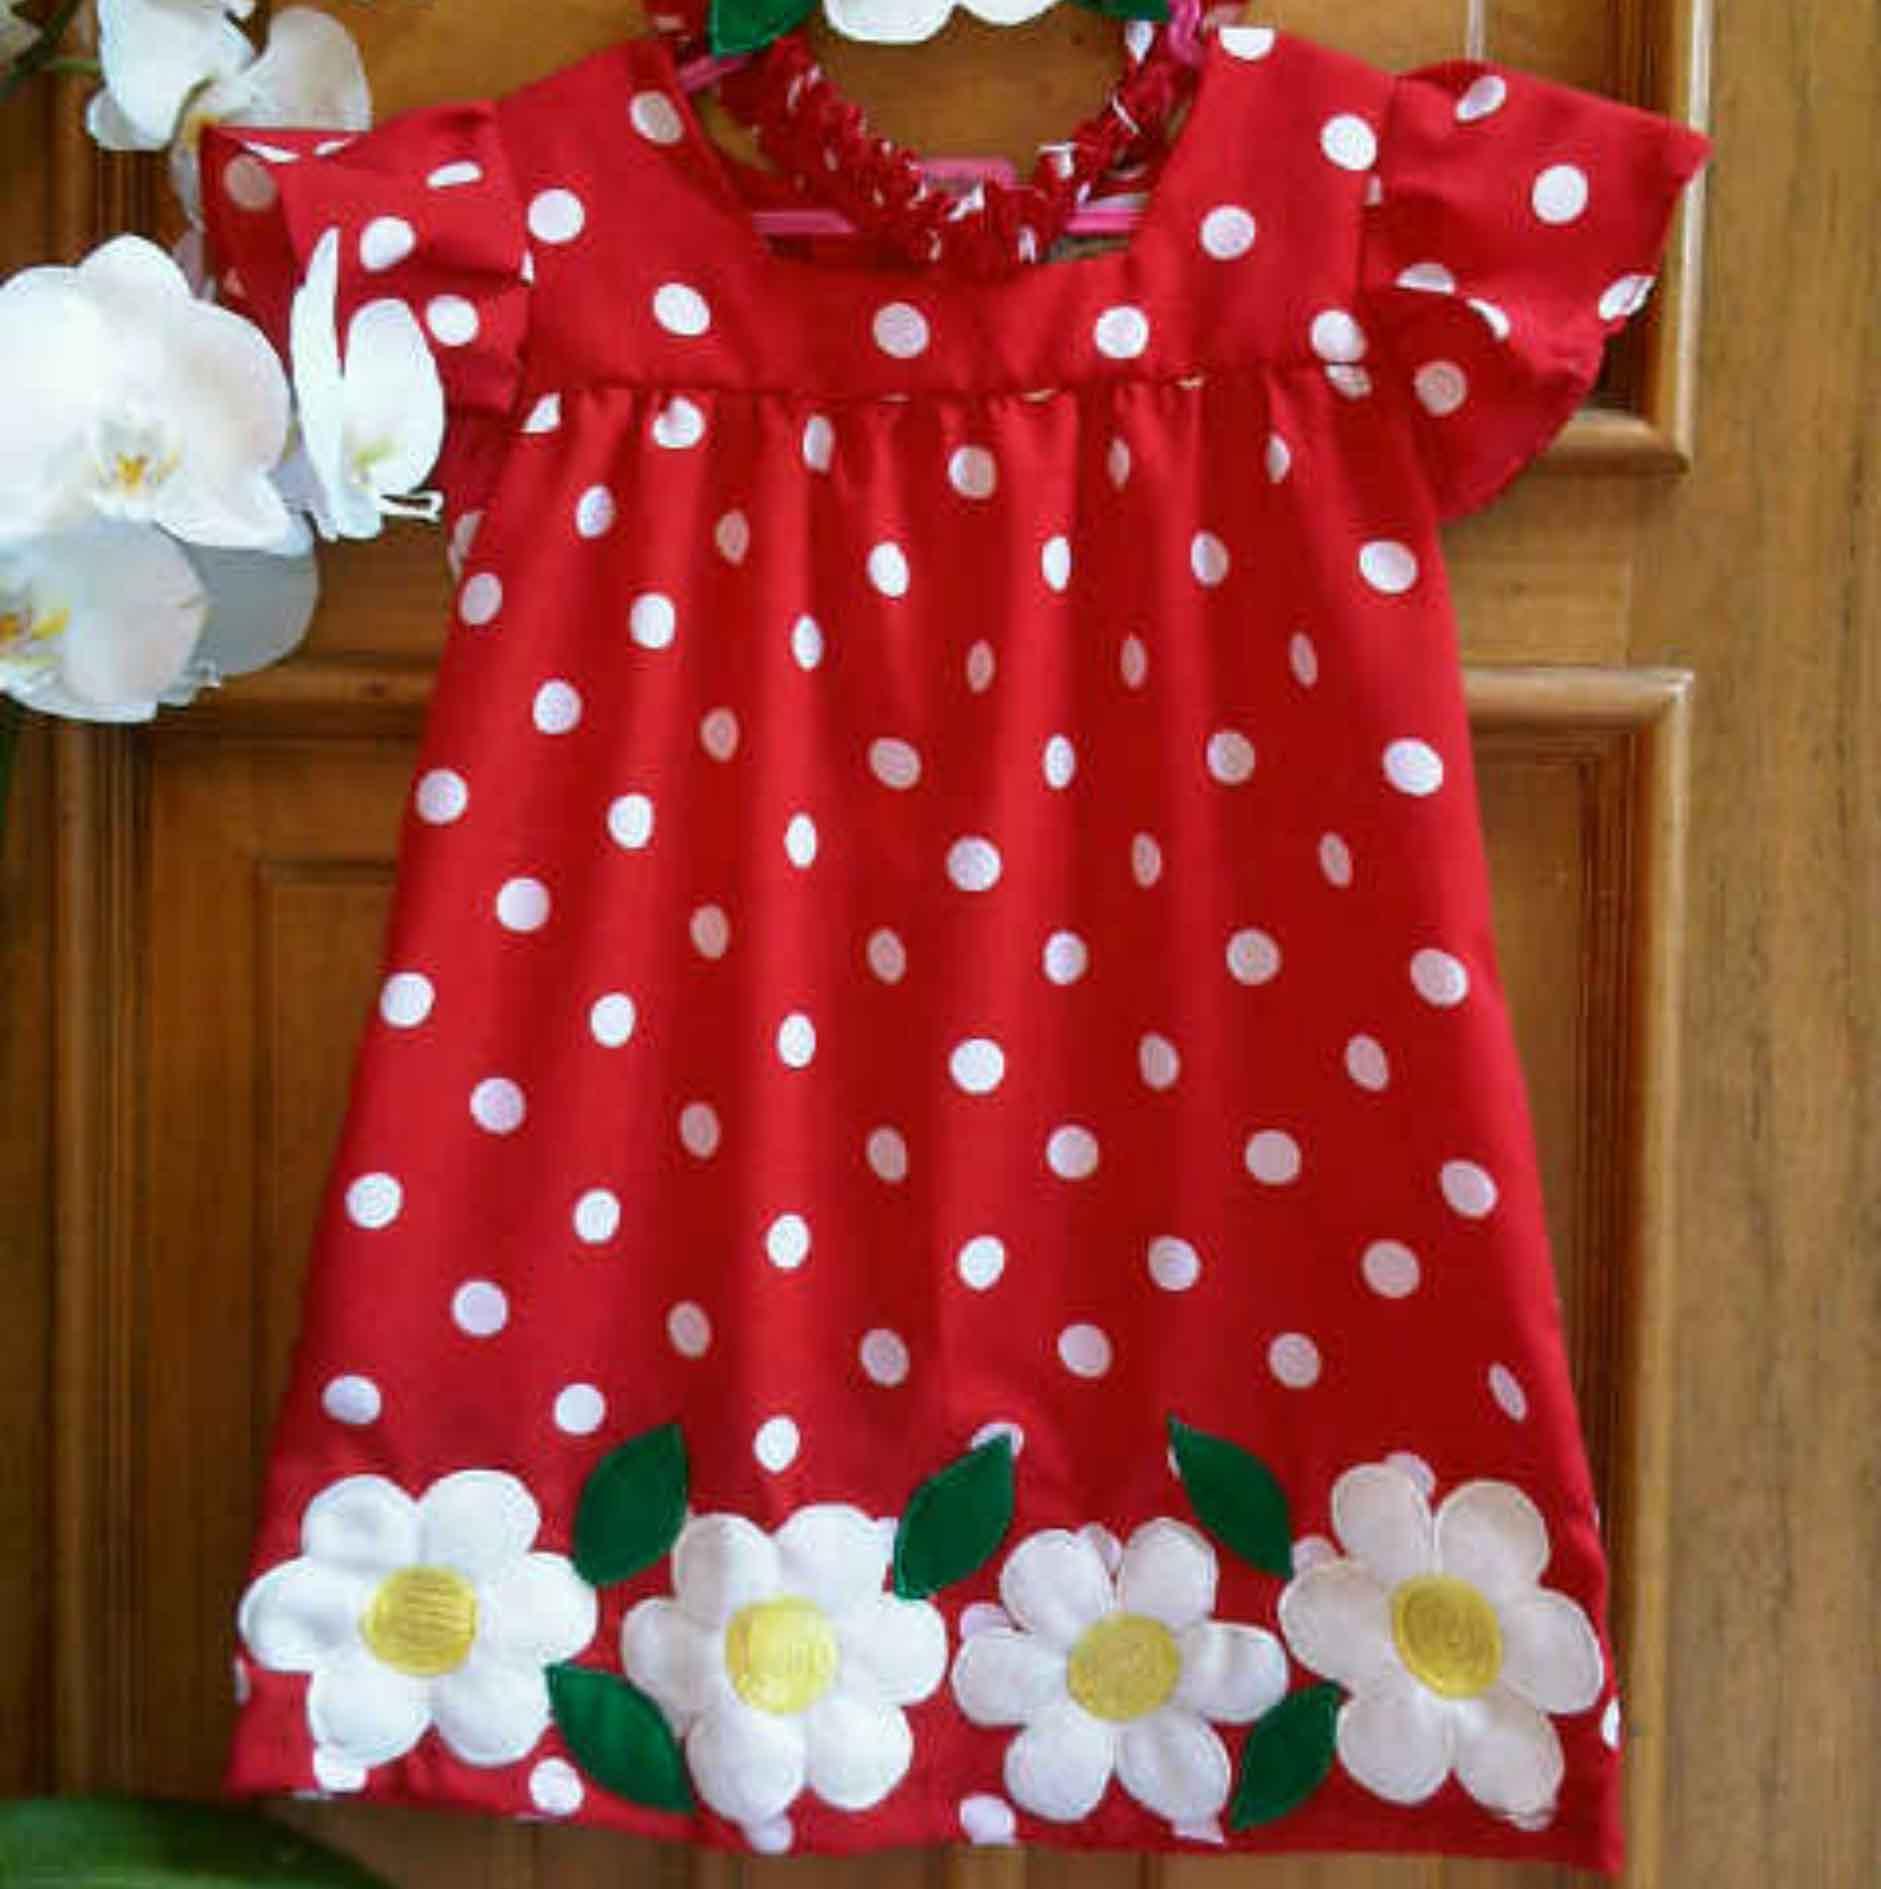 Baju Pesta Anak 28 Ibu Ira 0811254451 Grosir Baju Pesta Anak